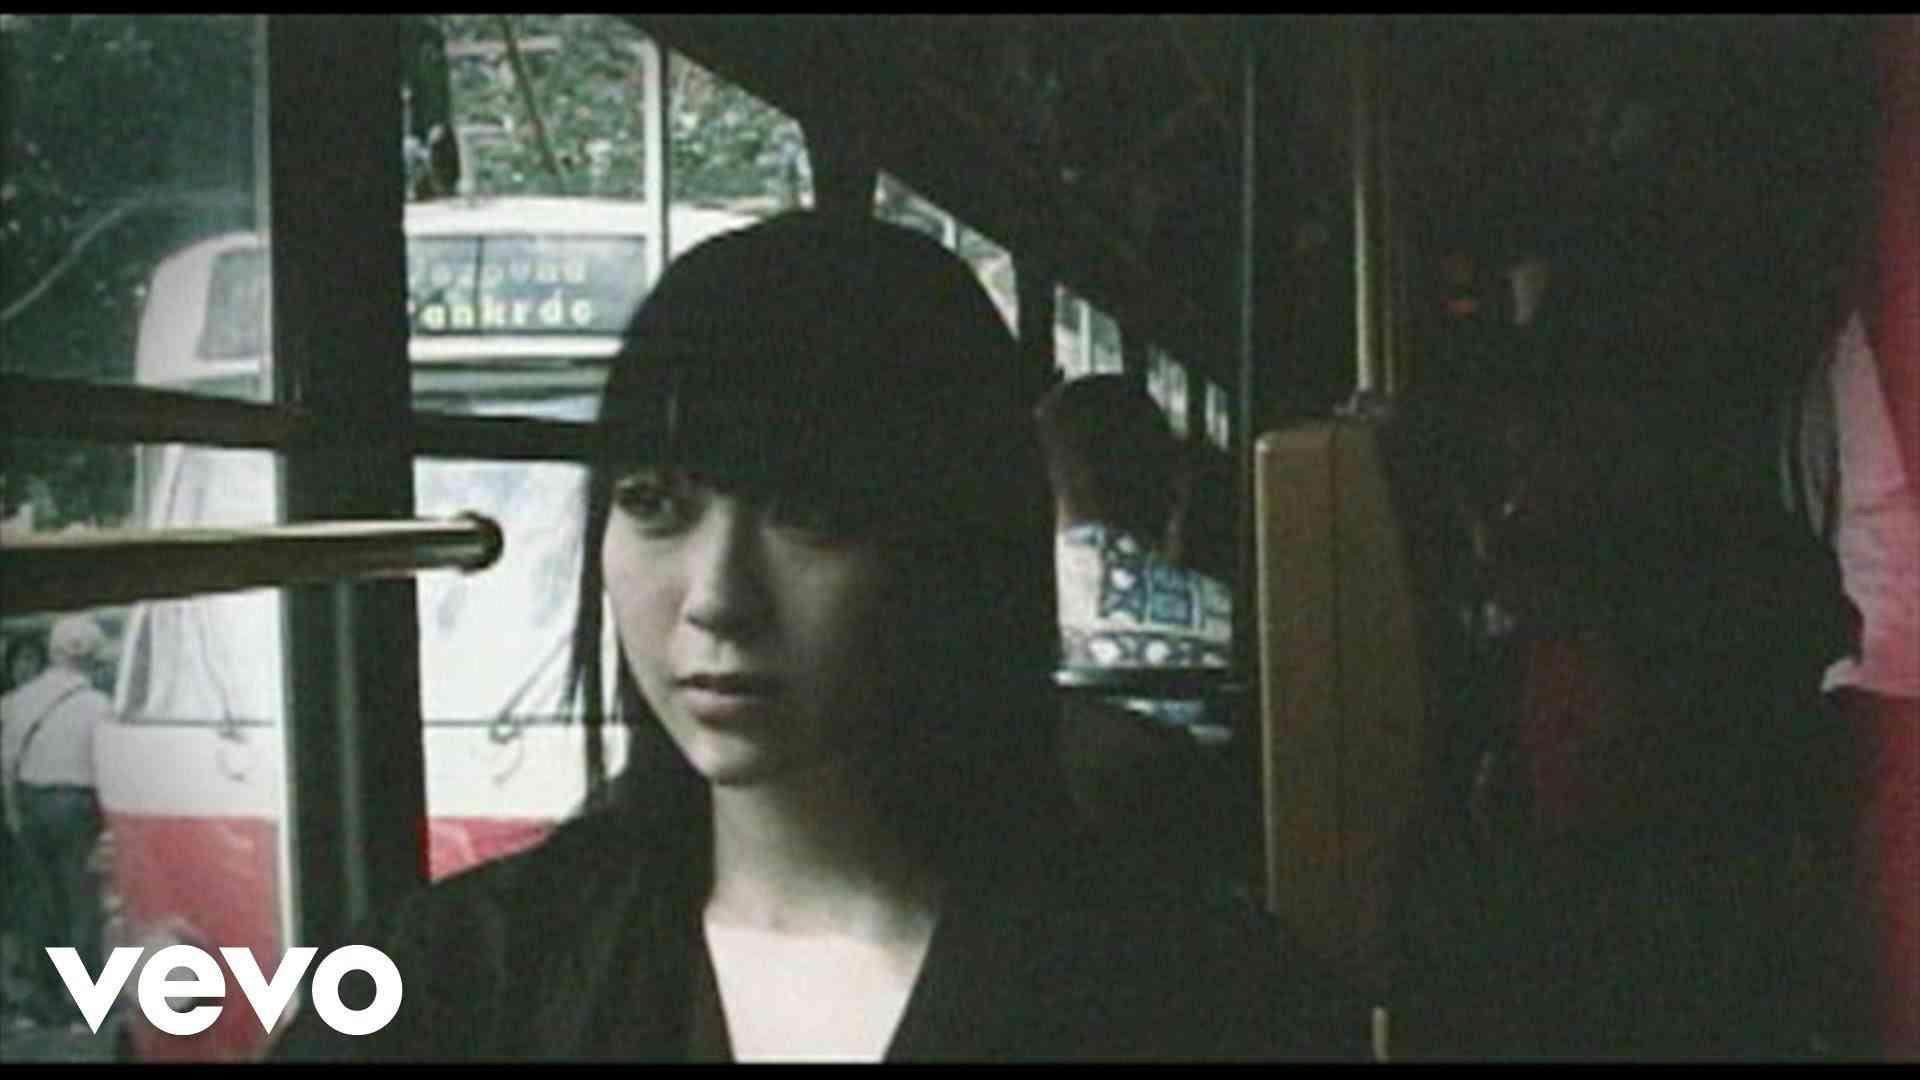 宇多田ヒカル - Be My Last - YouTube